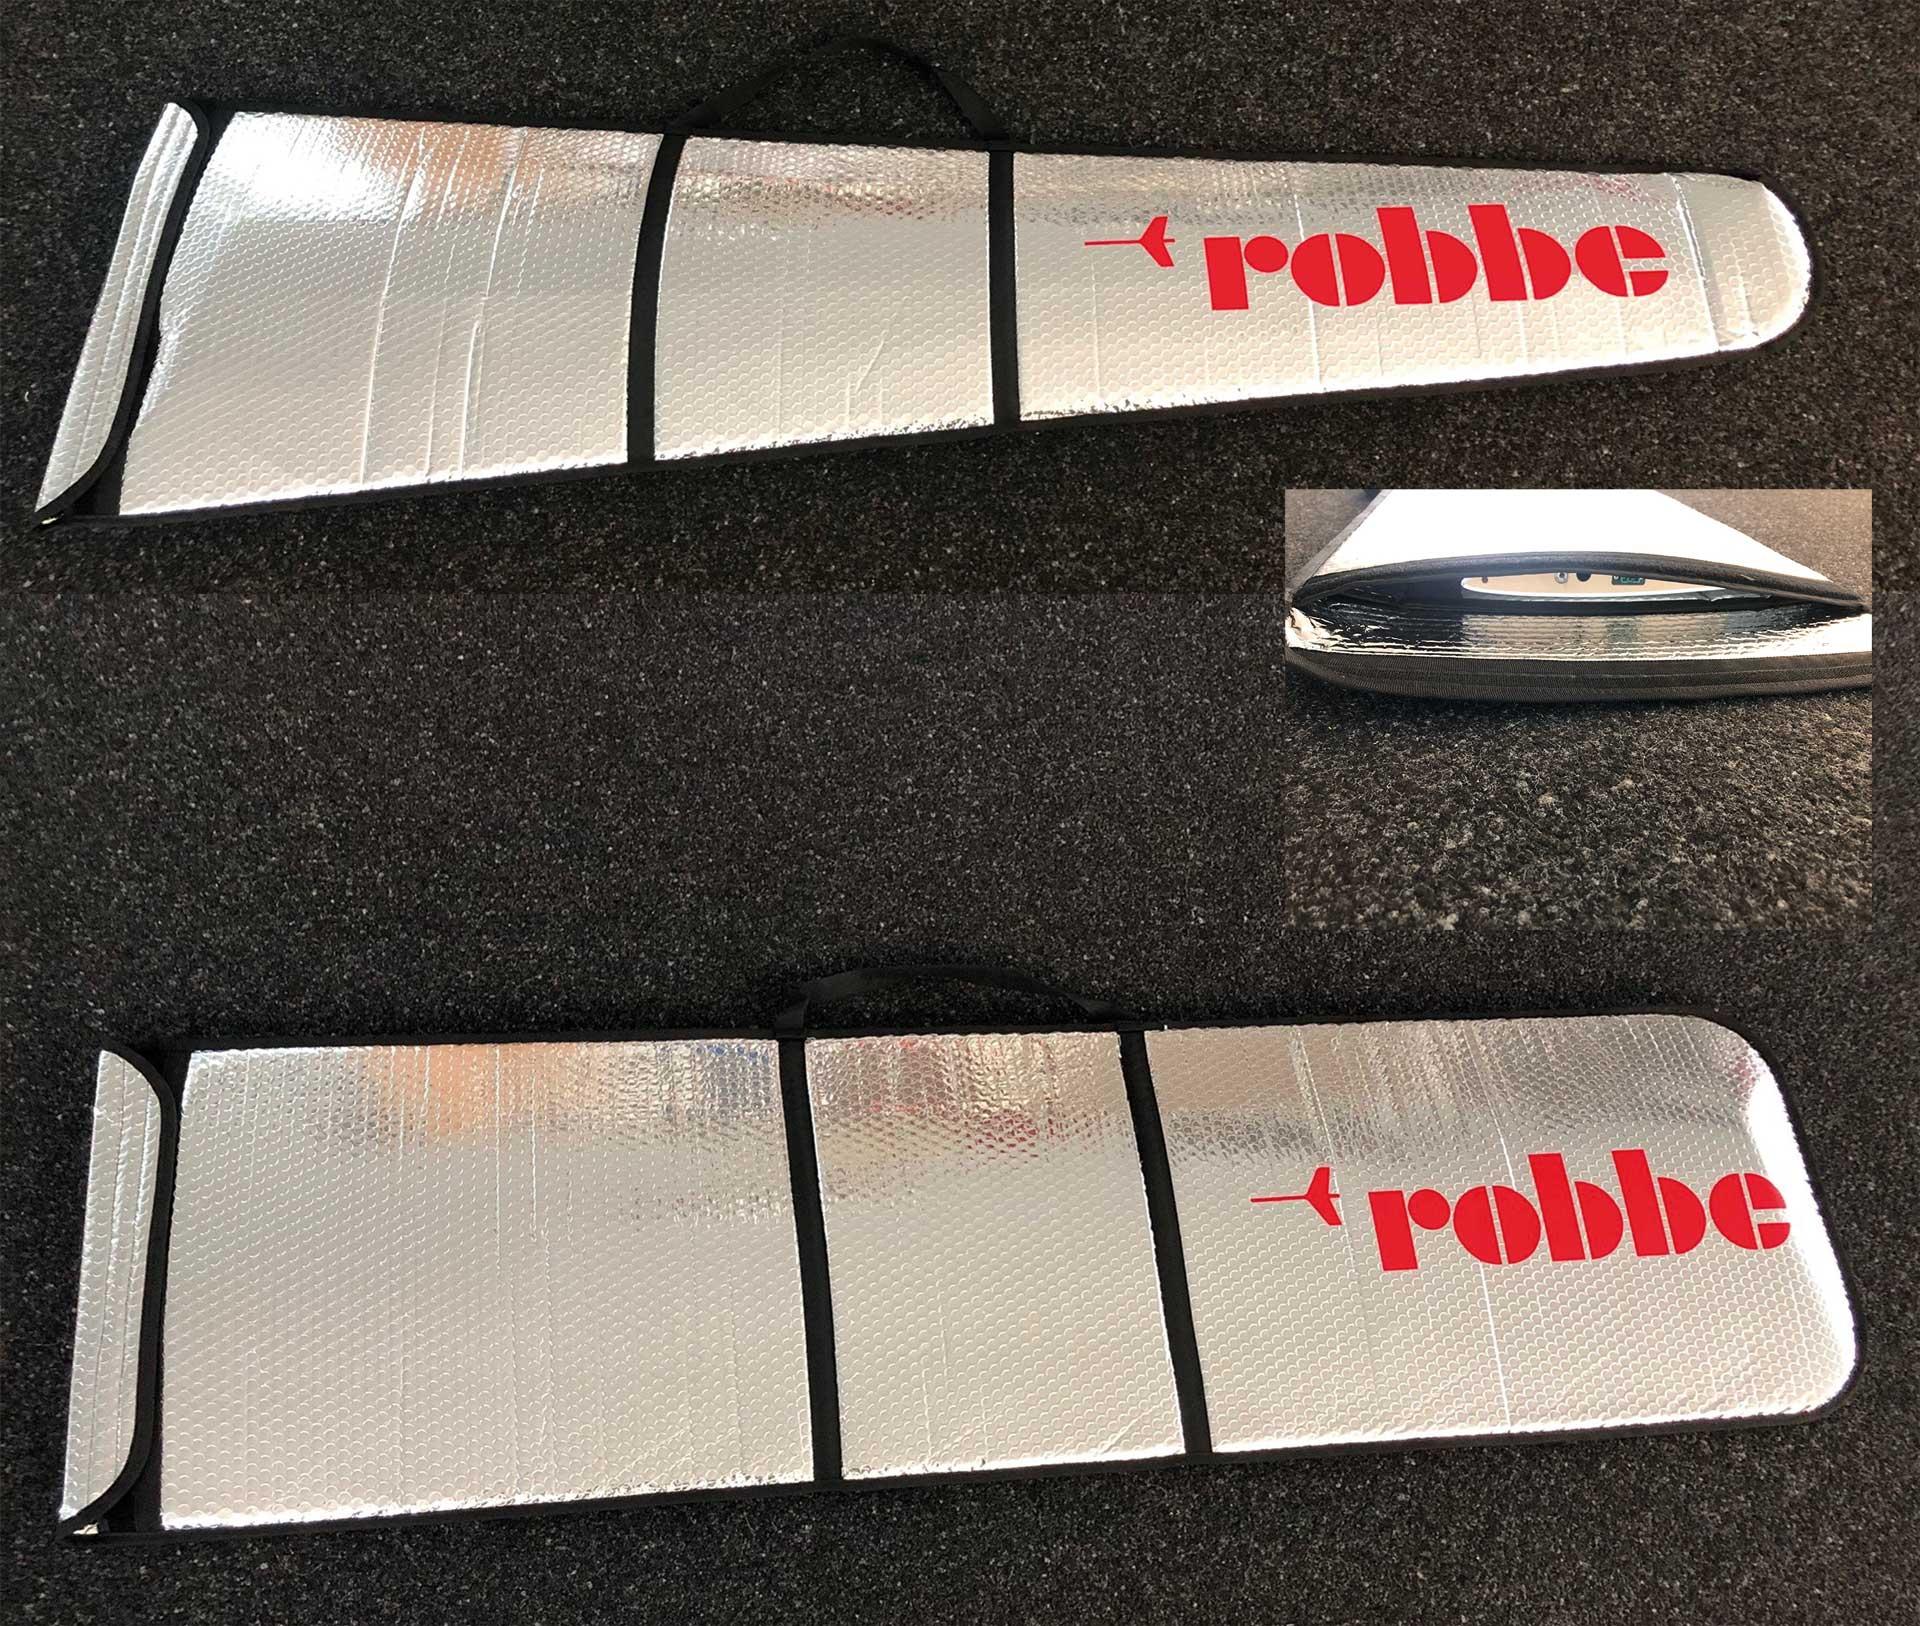 Robbe Modellsport Sac de protection de la surface en aluminium Cyclone XT 2 parties également pour l'empennage